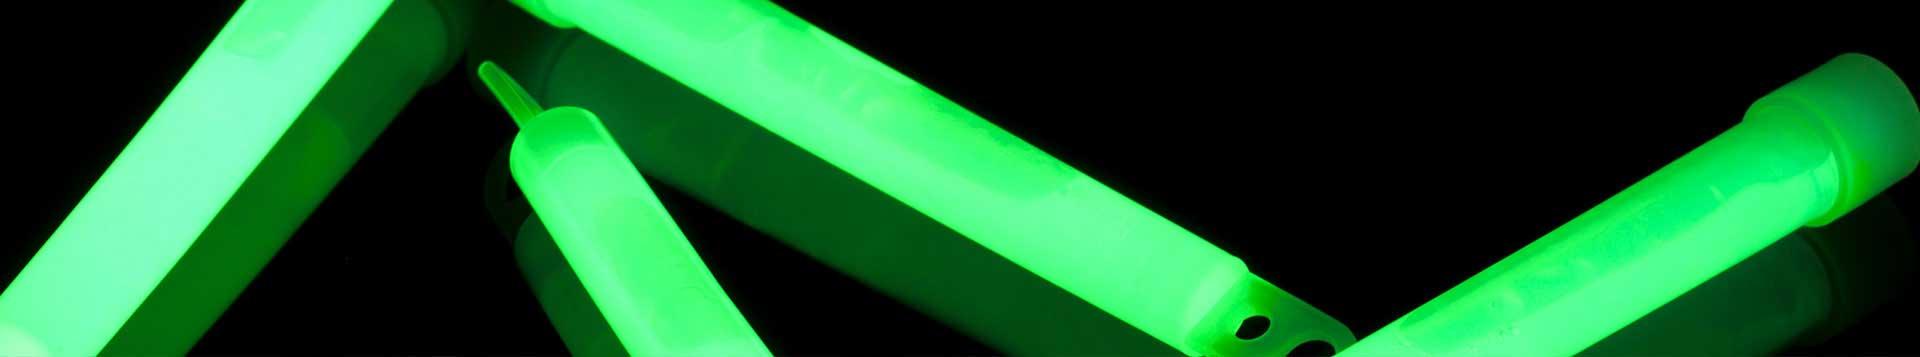 Chemical Light Sticks